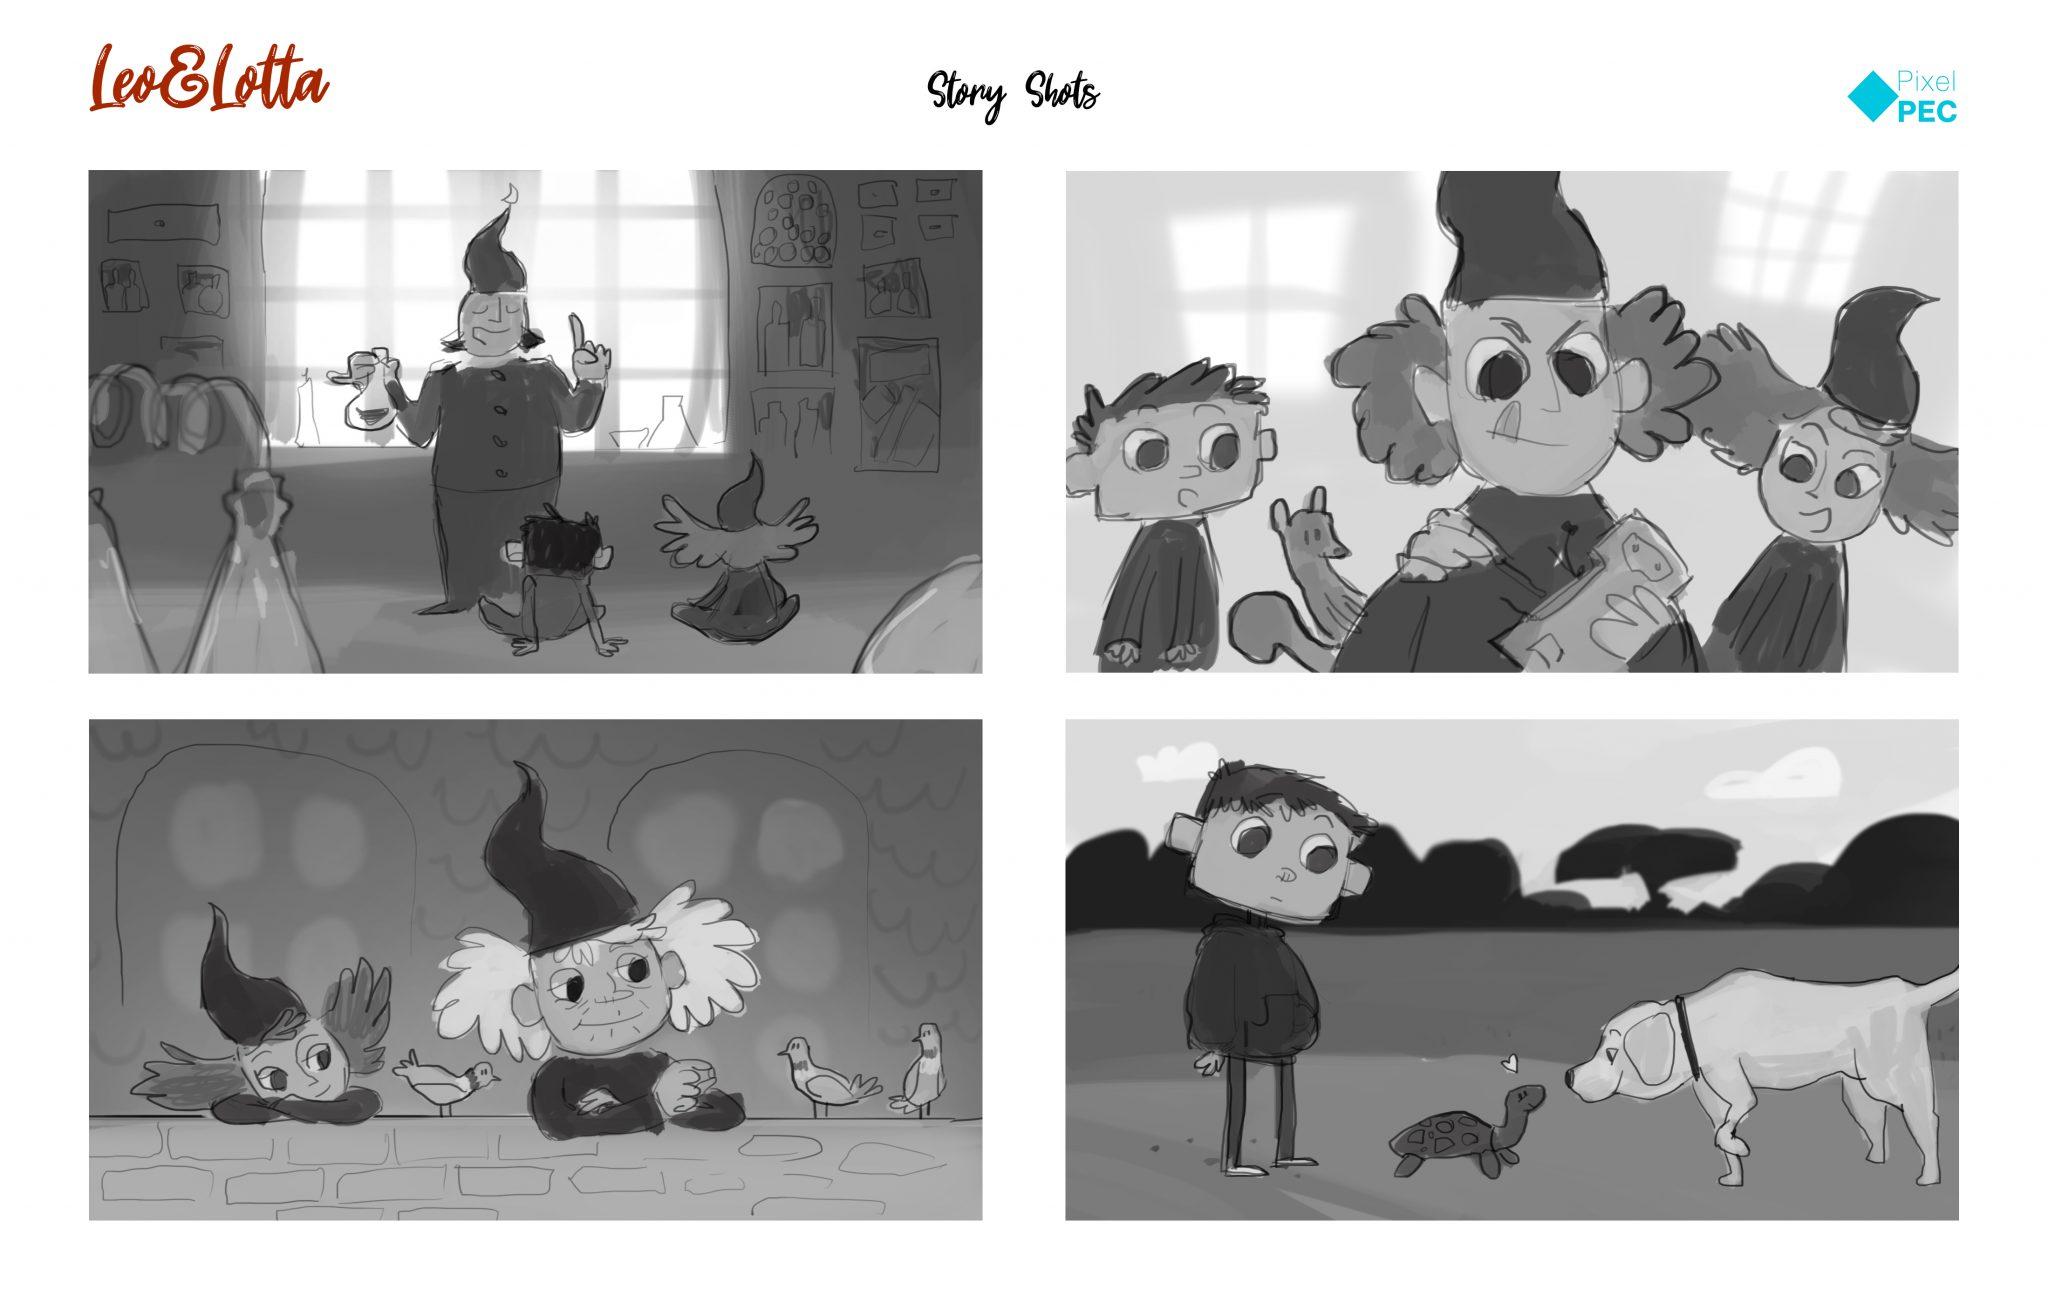 Impressionen von möglichen Geschichten aus der Welt von Leo&Lotta